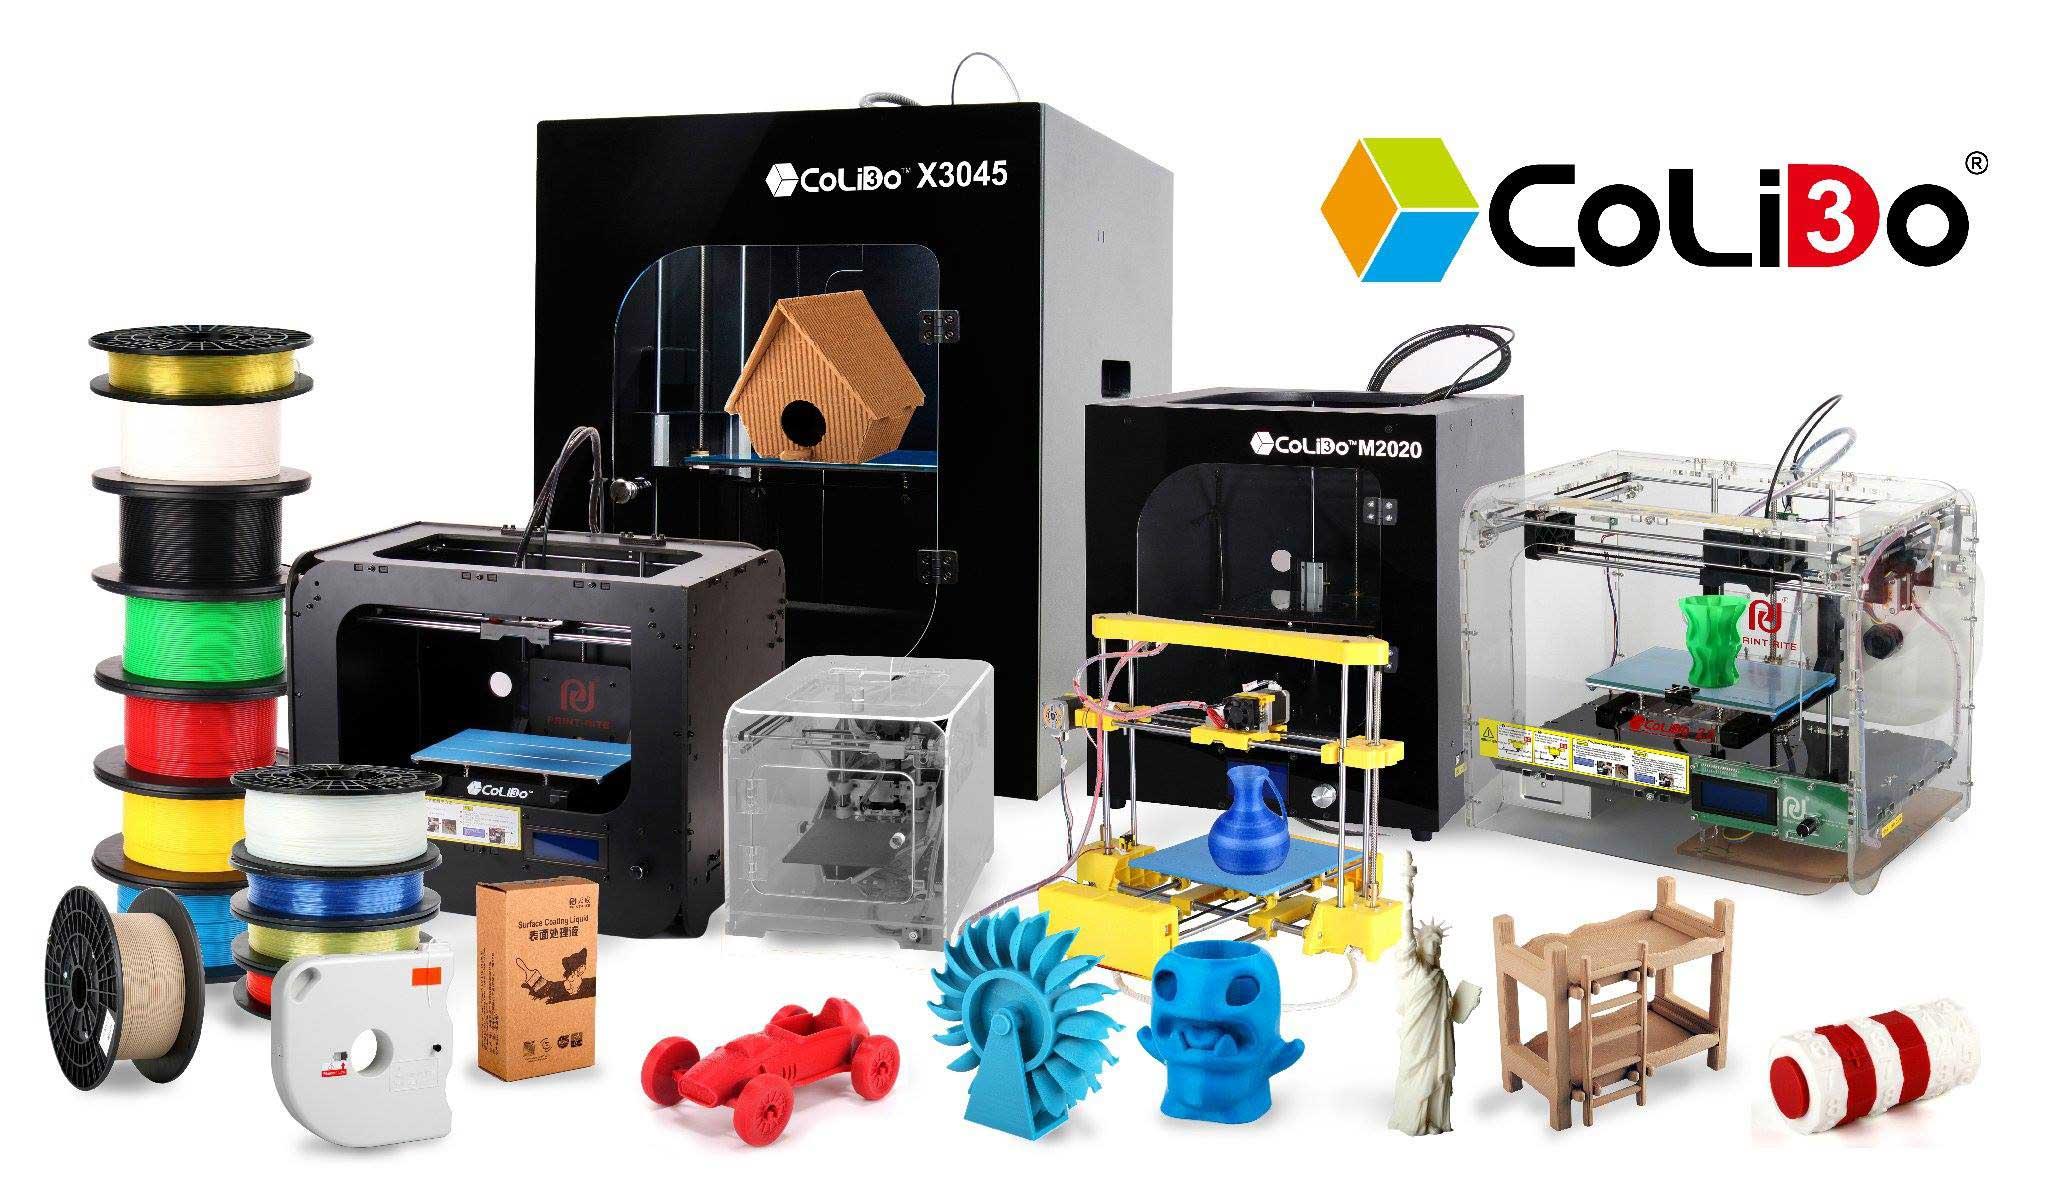 Venta, instalación, servicio técnico y venta de consumibles y recambios de impresoras 3D